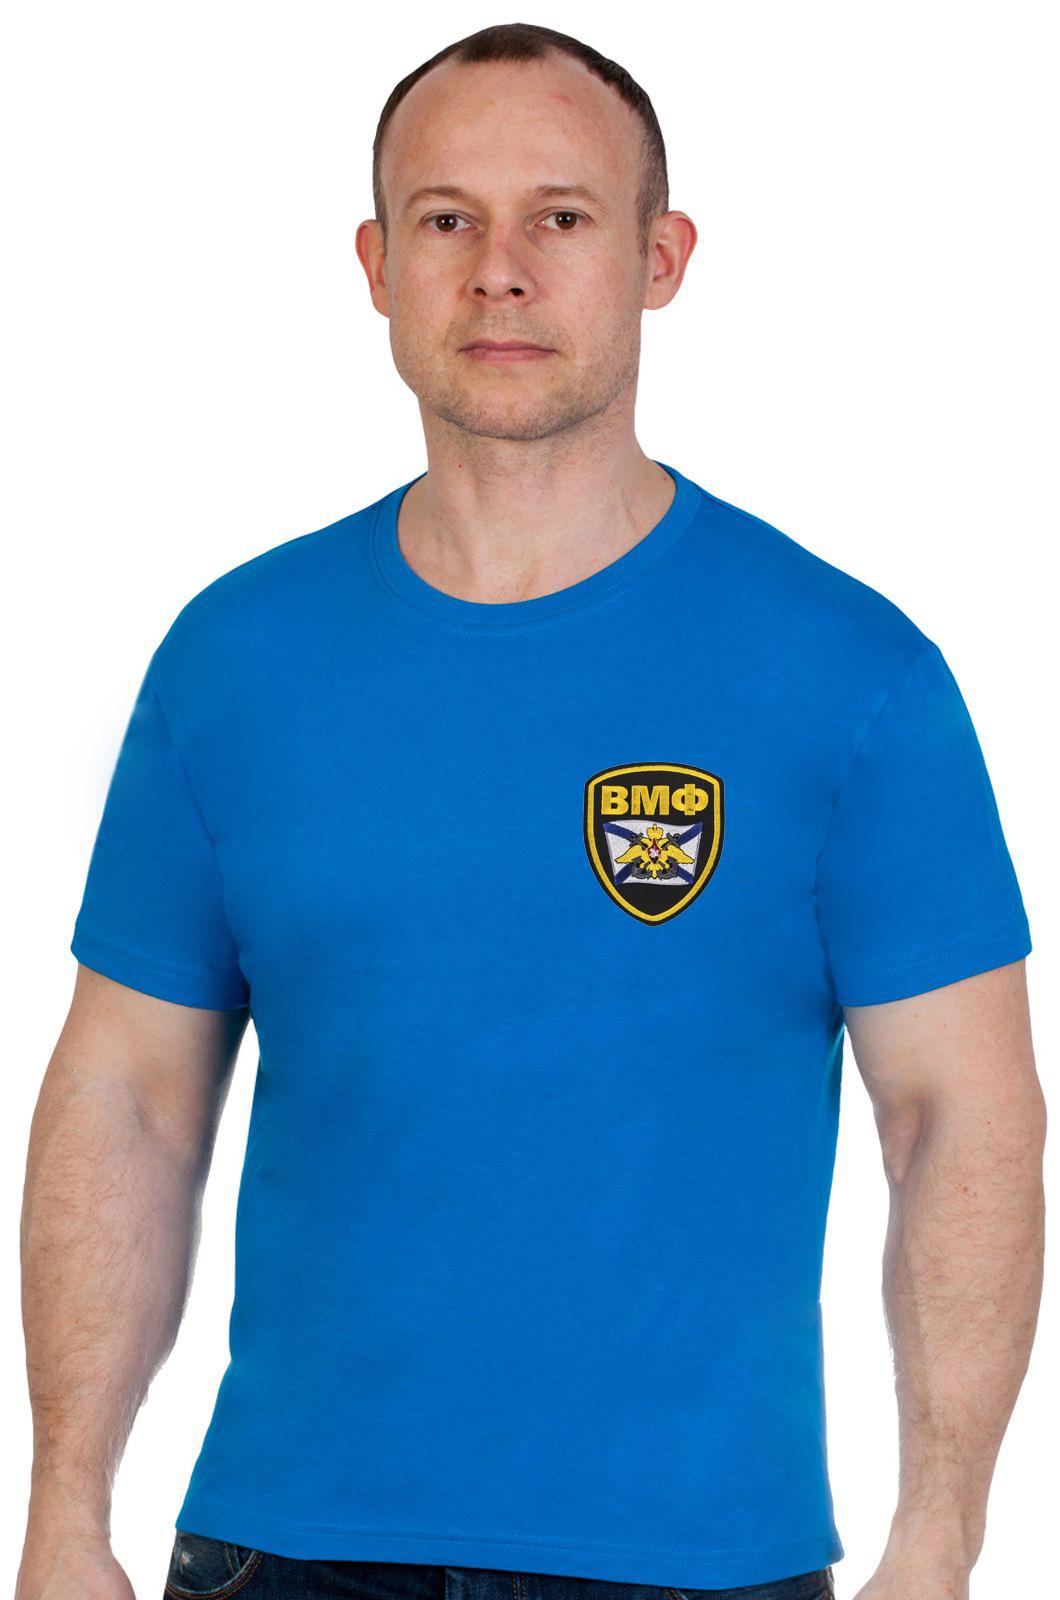 Купить хлопковую оригинальную футболку ВМФ в подарок моряку